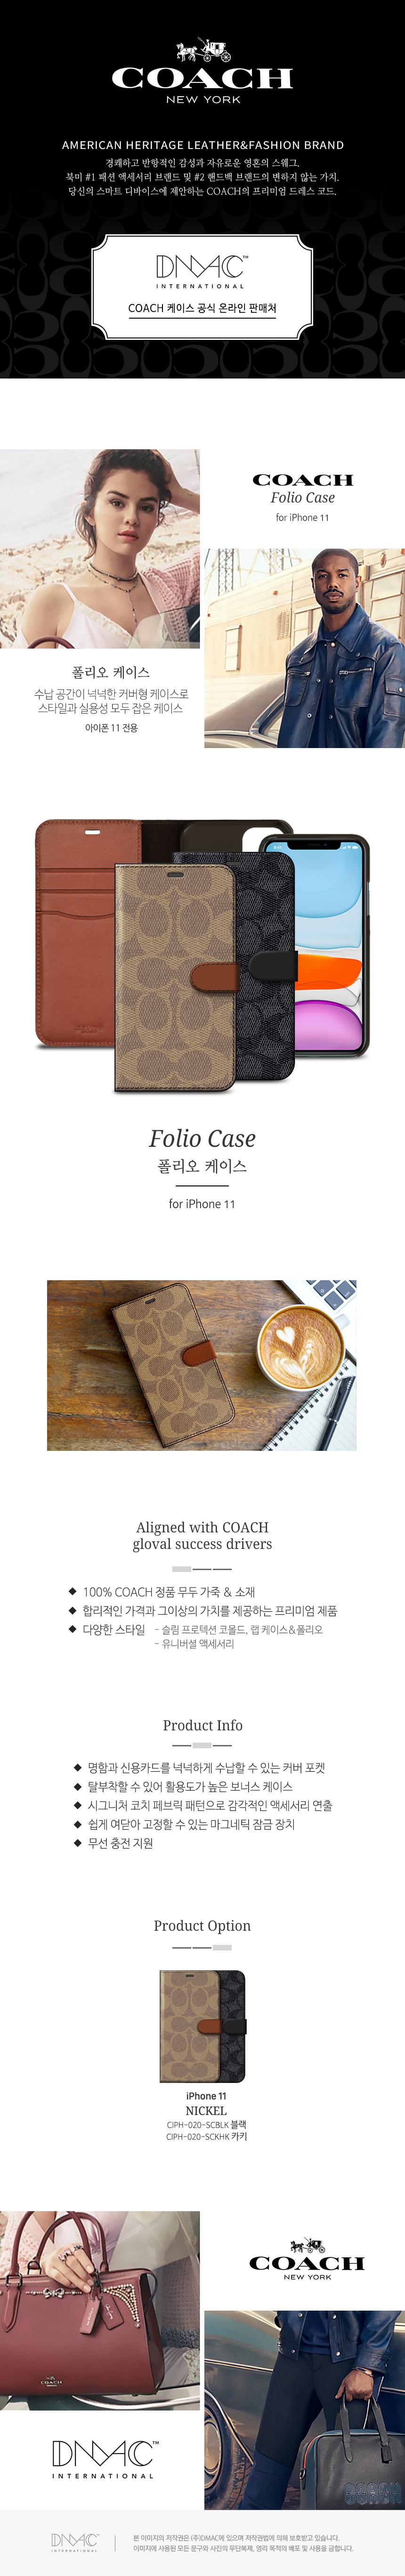 Folio-Case_iPhone11